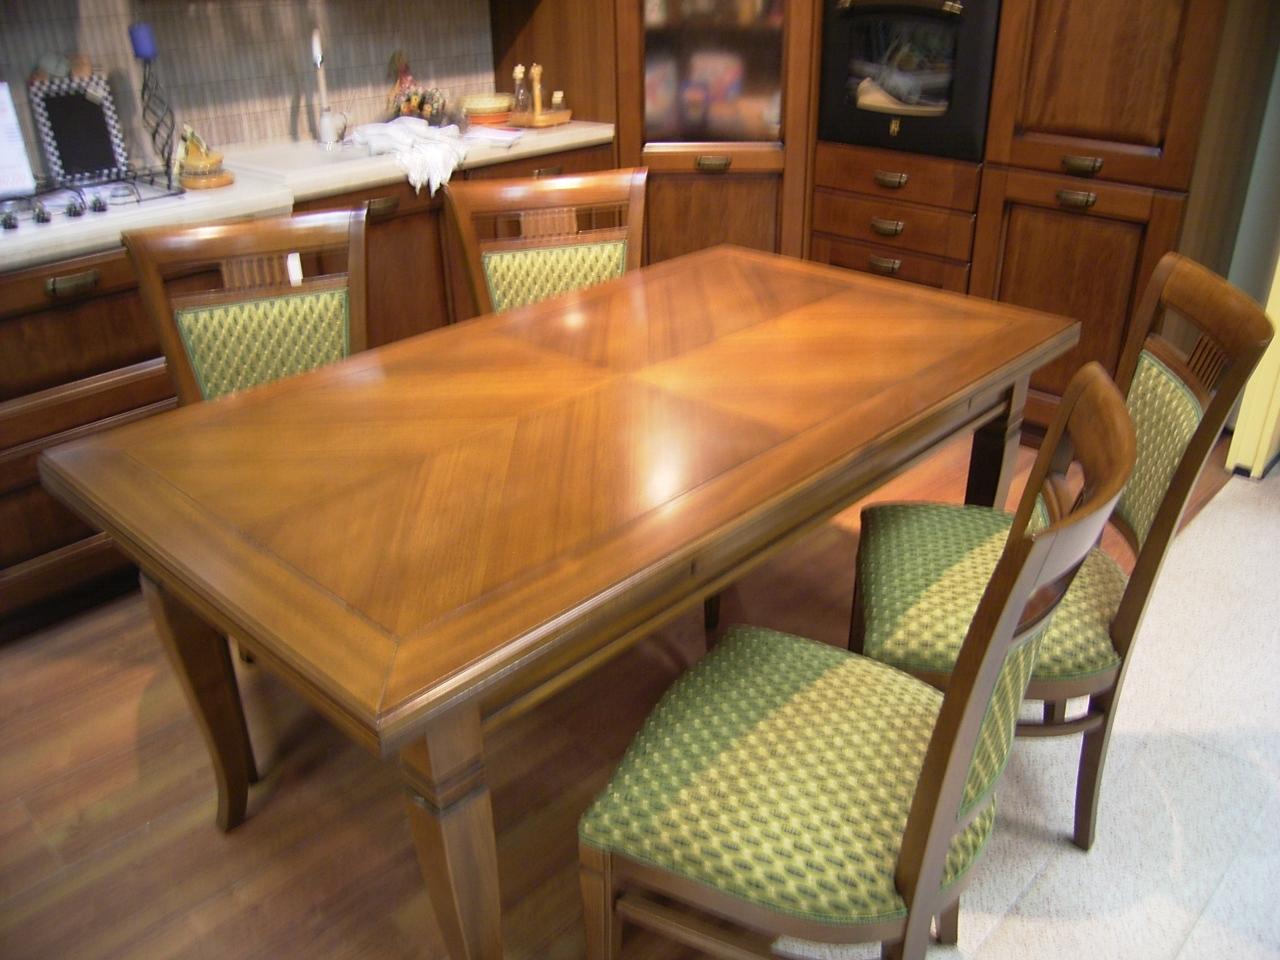 Offerta tavolo e 4 sedie tavoli a prezzi scontati for 4 sedie in offerta